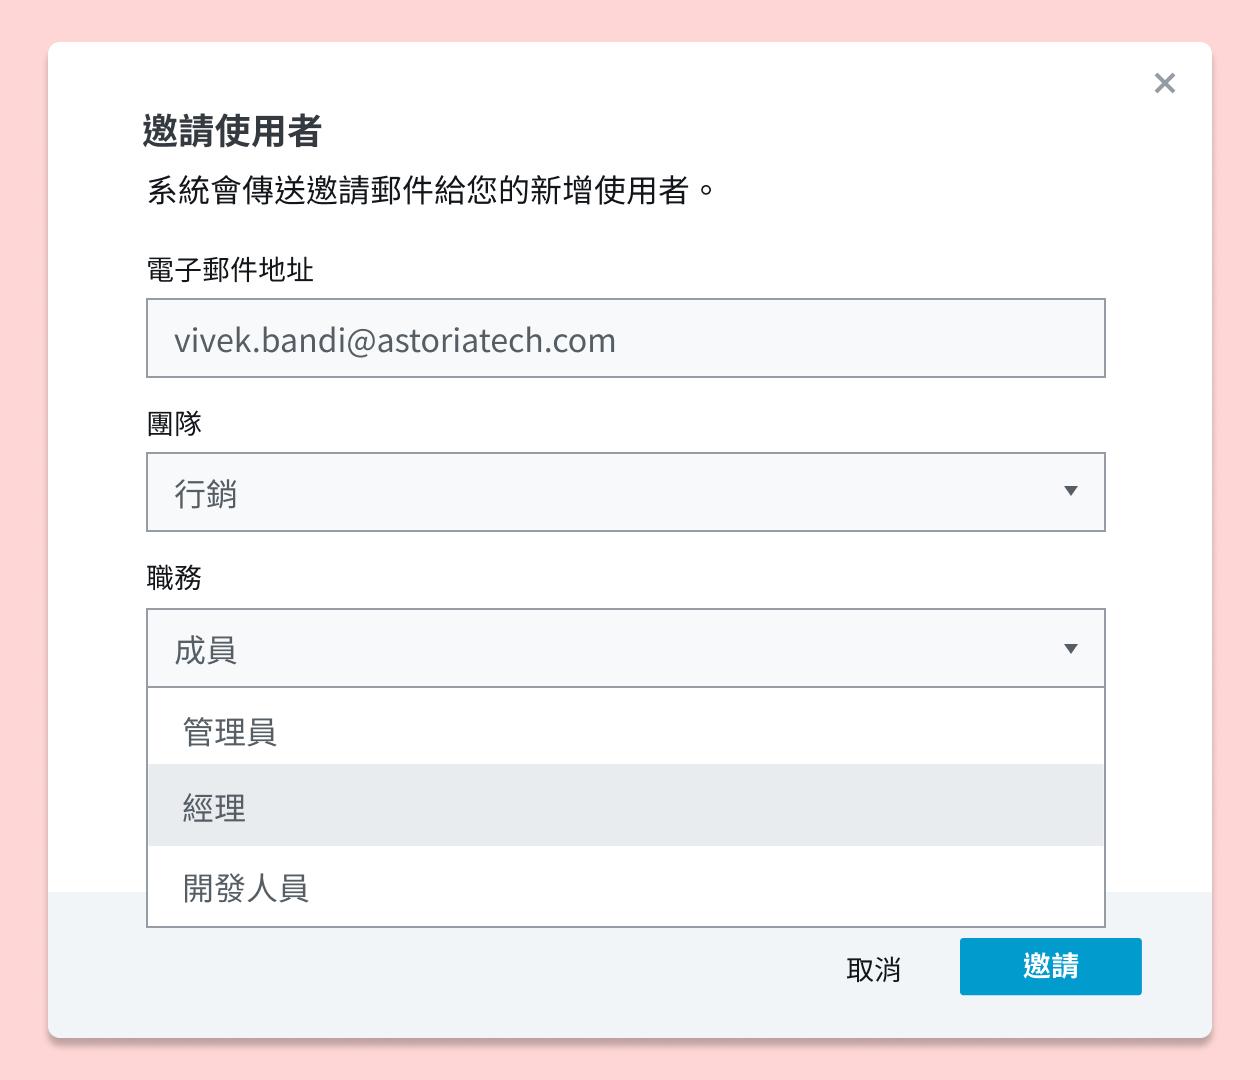 邀請使用者加入 HelloSign 文件並指派角色的螢幕截圖